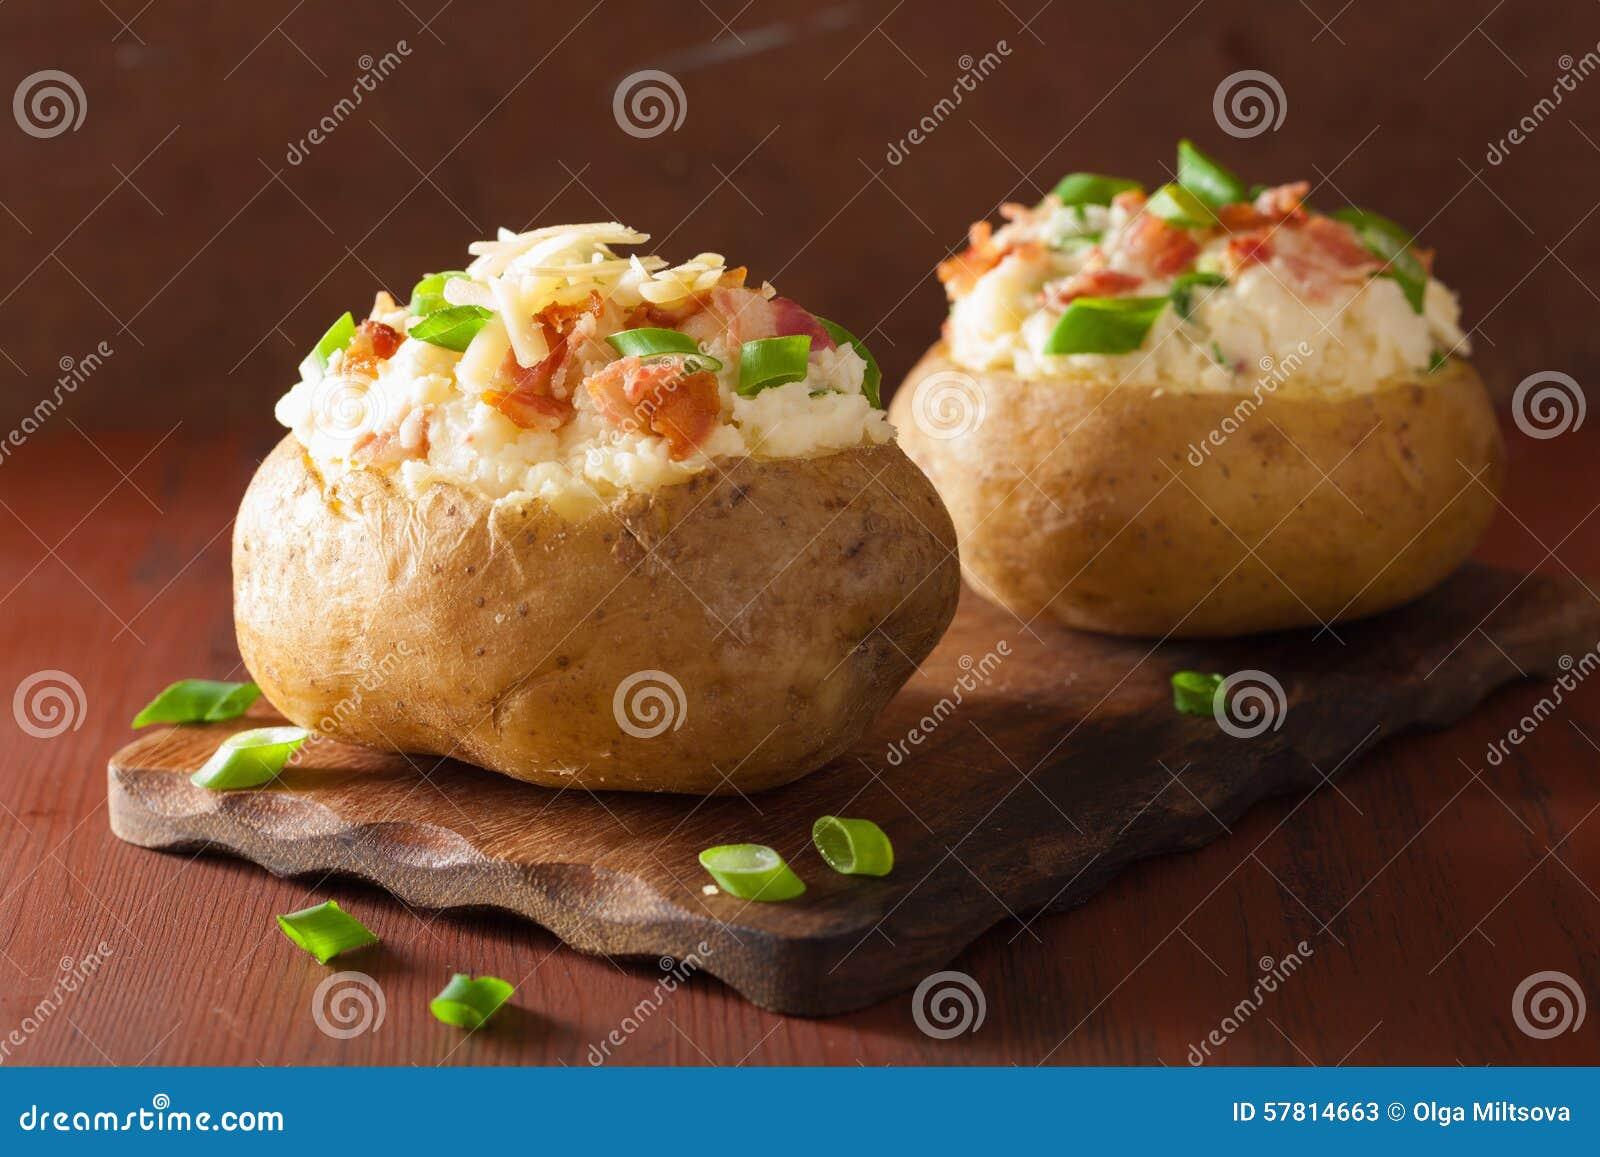 Patata cocida en chaqueta con tocino y queso